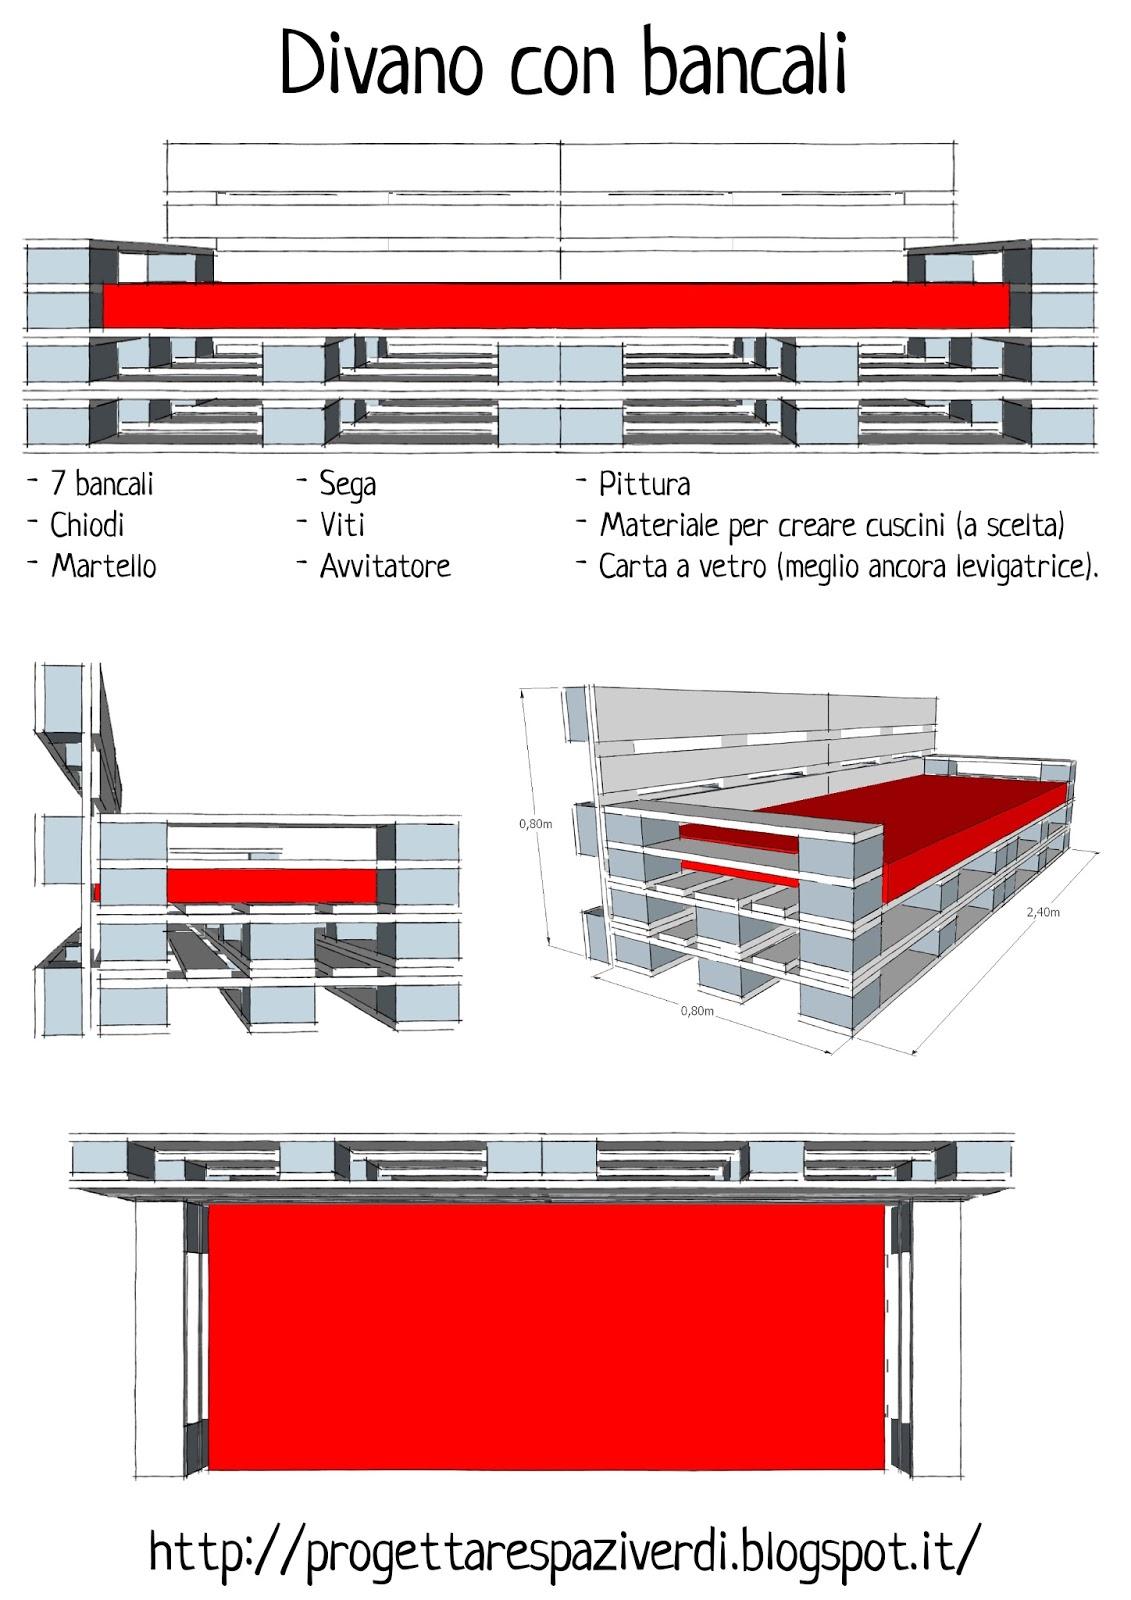 Famoso Progettare spazi verdi: Come costruire un divano con i pallet  CP16